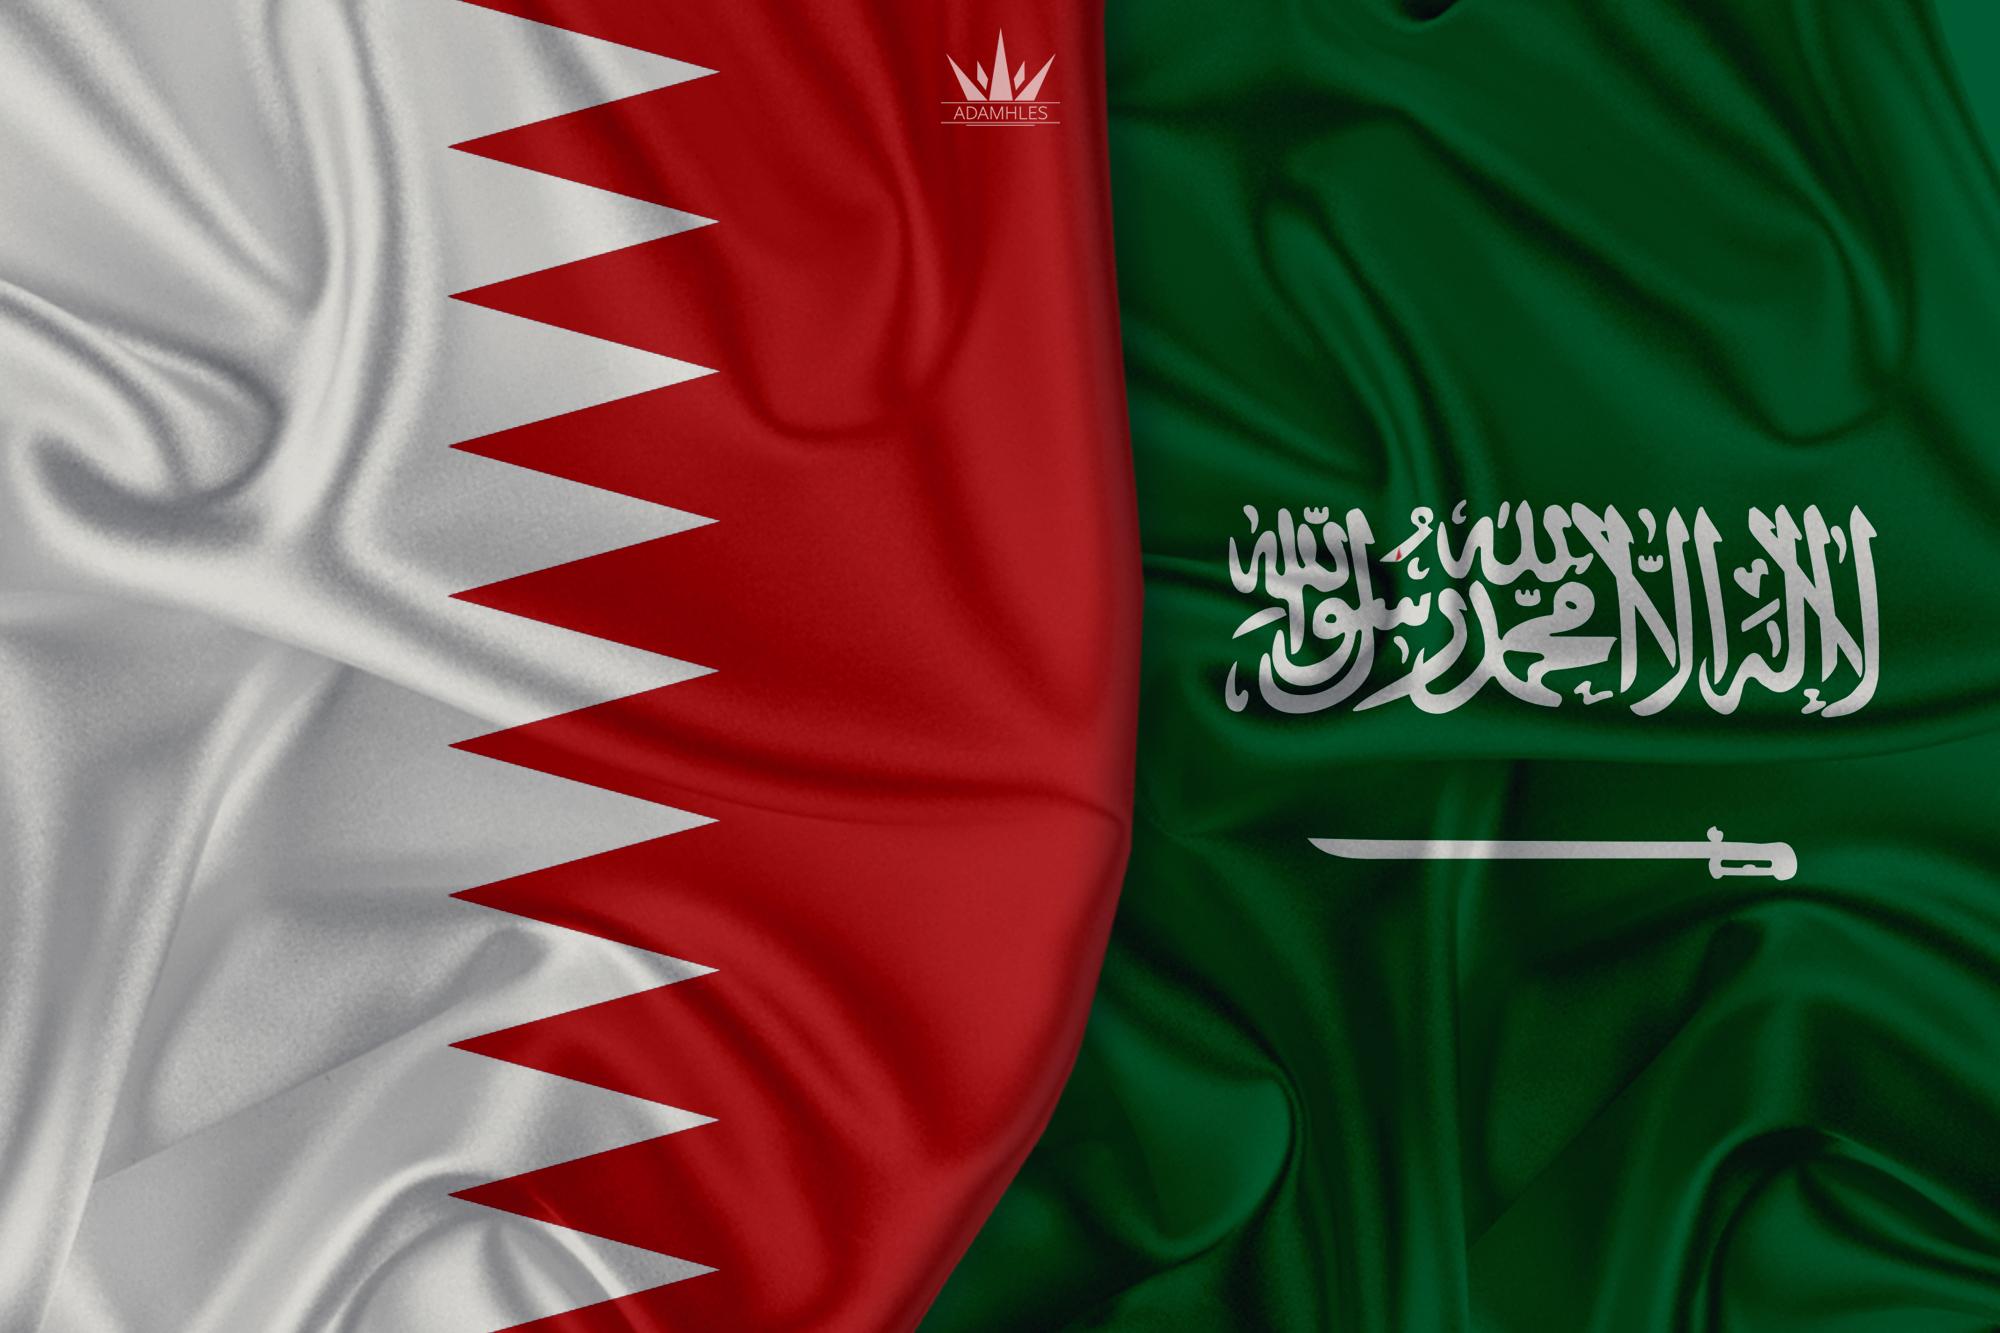 خلفية علم السعودية والبحرين اجمل خلفيات العلم السعودي والعلم البحريني Bahrain and Saudi Arabia